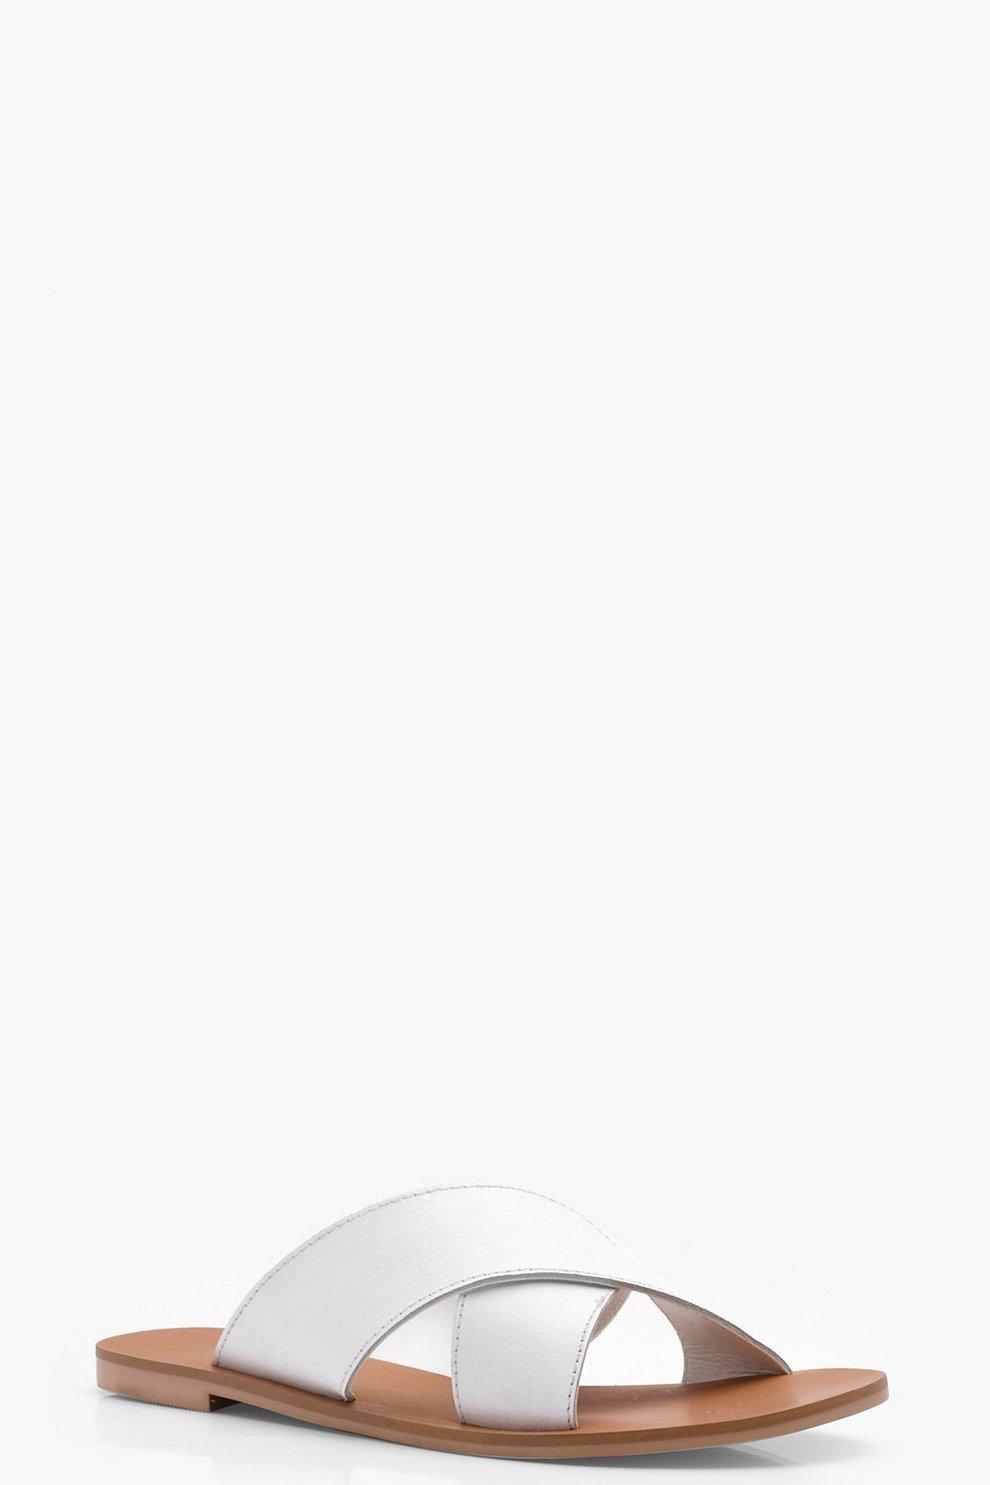 Mejores Precios De Liquidación Las Fechas De Publicación De Descuento Ciabatte in pelle con fascette incrociate a calzata ampia di Rose boohoo neri El Envío Del Descenso DcXM1kjVl4